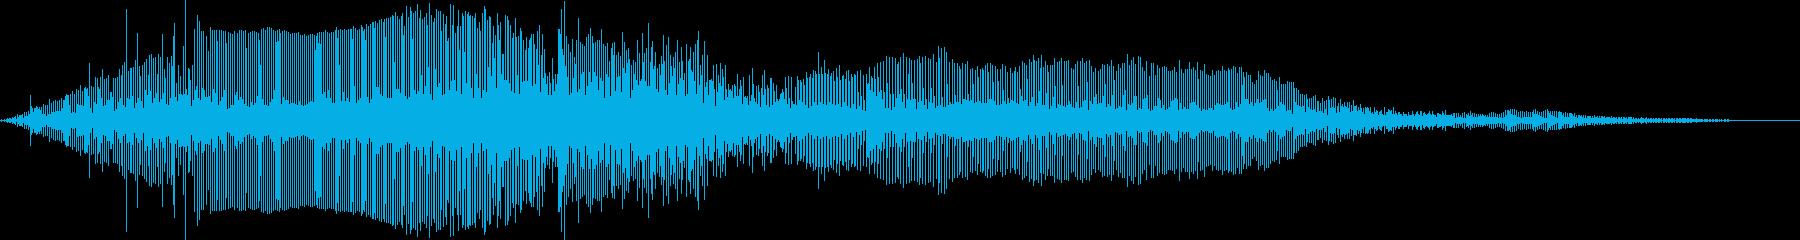 ミニバイクレースの再生済みの波形